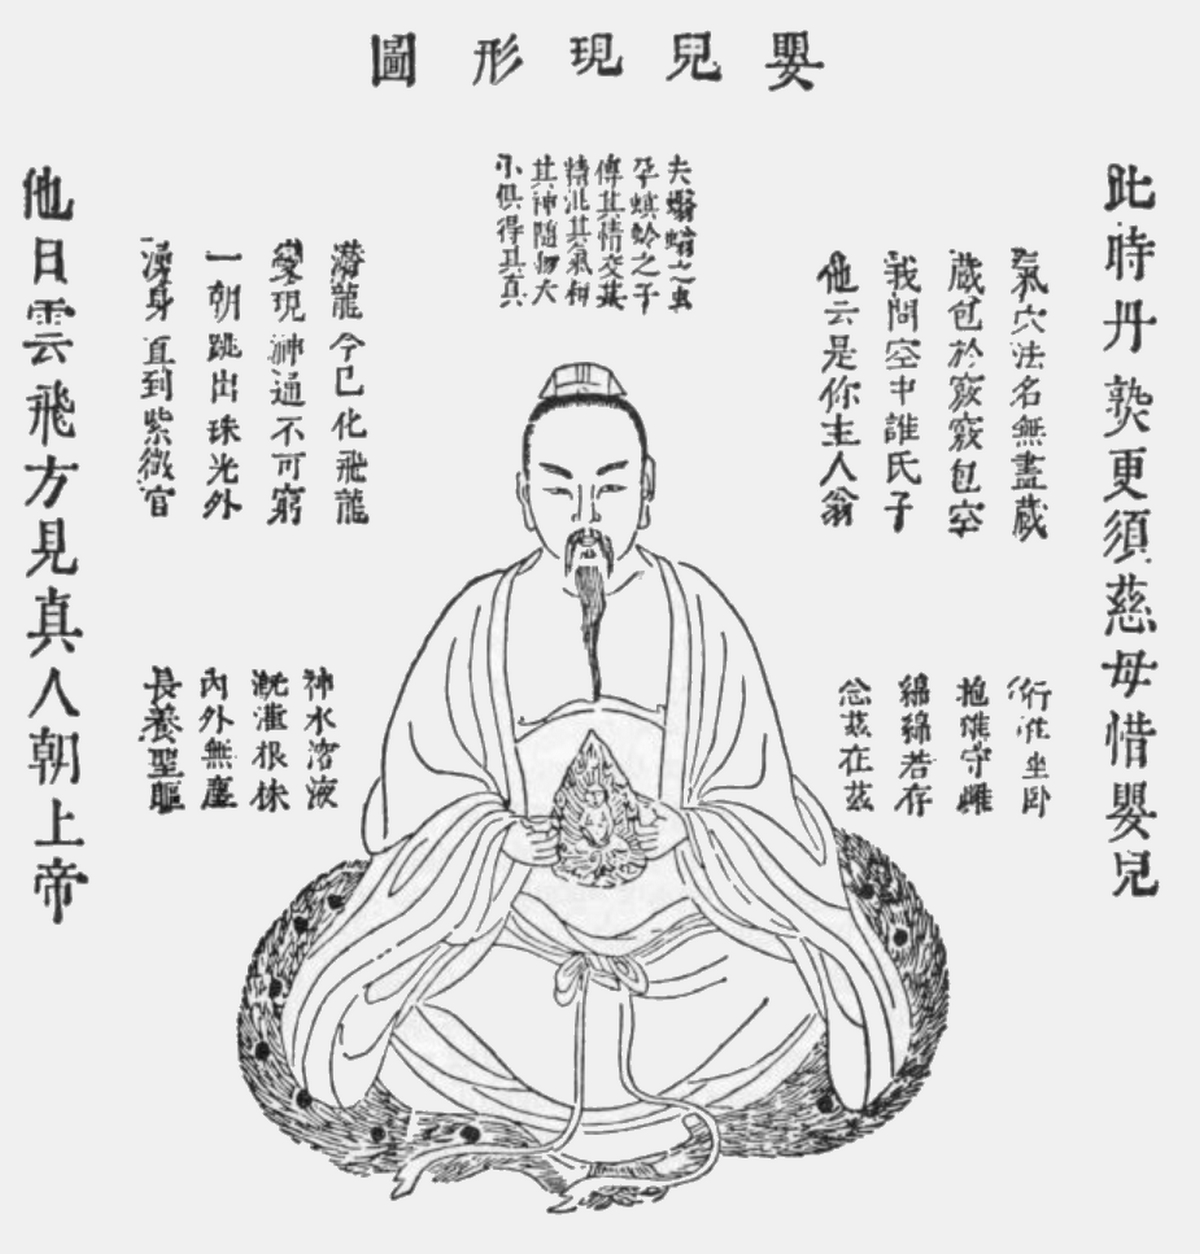 Deuxième stade de la méditation, Le secret de la fleur d'or